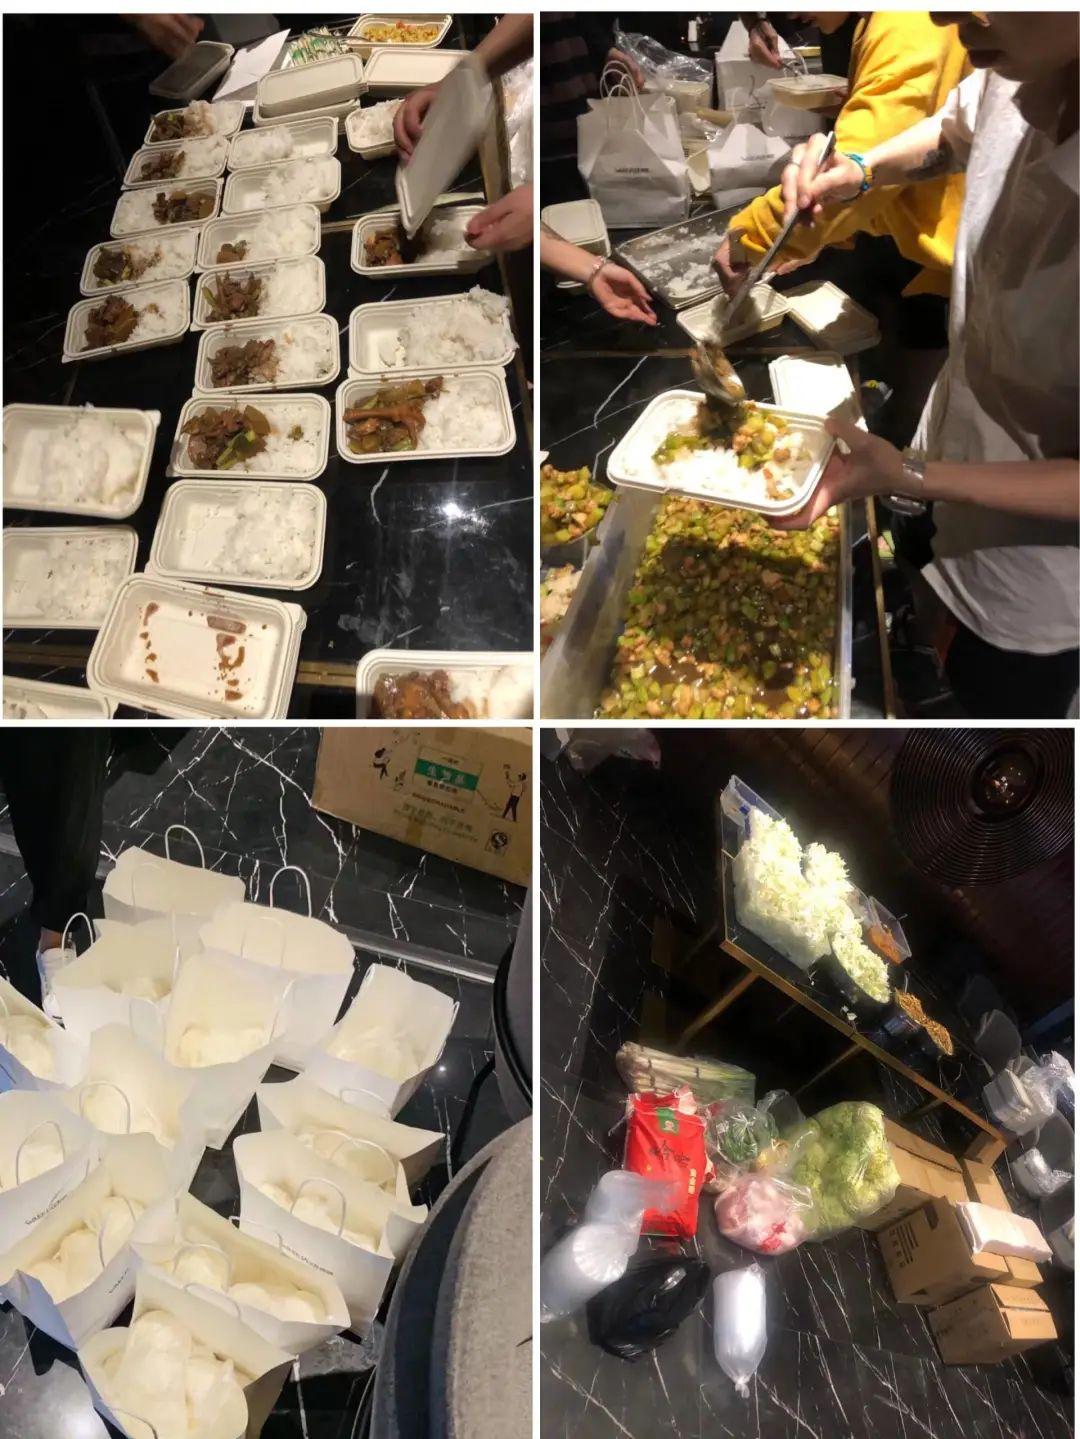 刘轲和朋友们为救援人员准备的饭菜 / 受访者供图